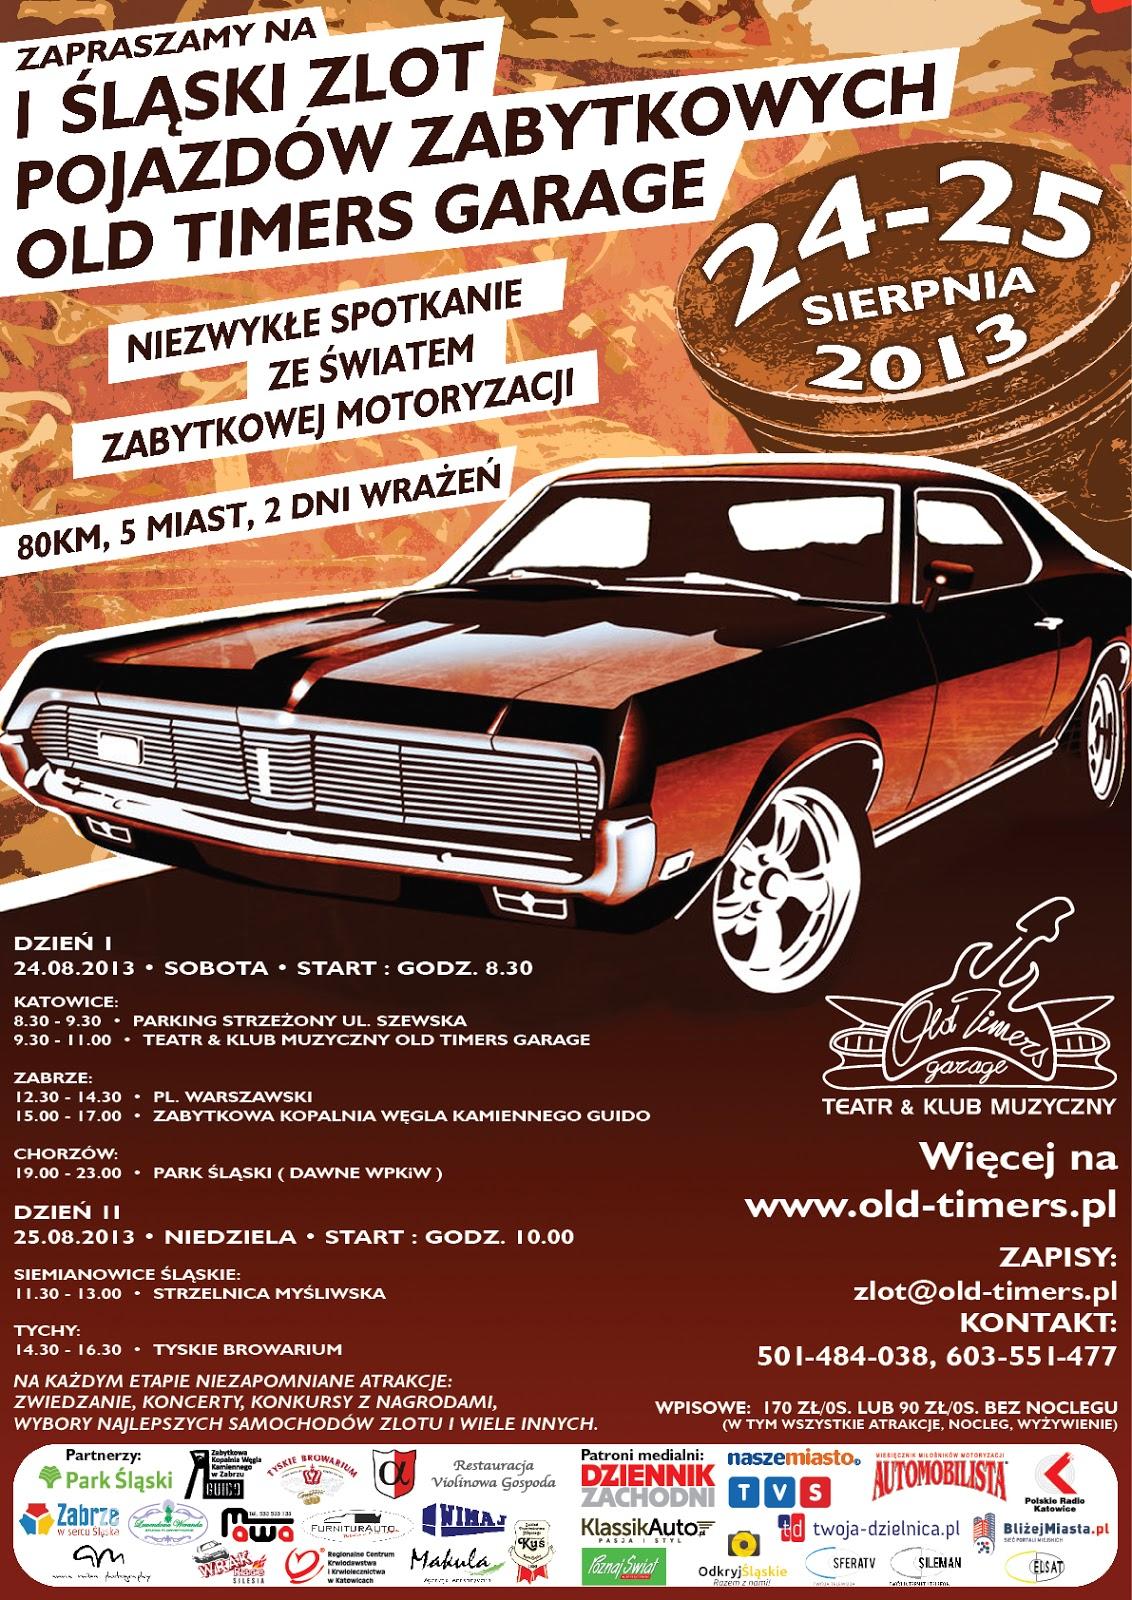 I Śląski Zlot Pojazdów Zabytkowych Old Timers Garage w Tyskim Browarium